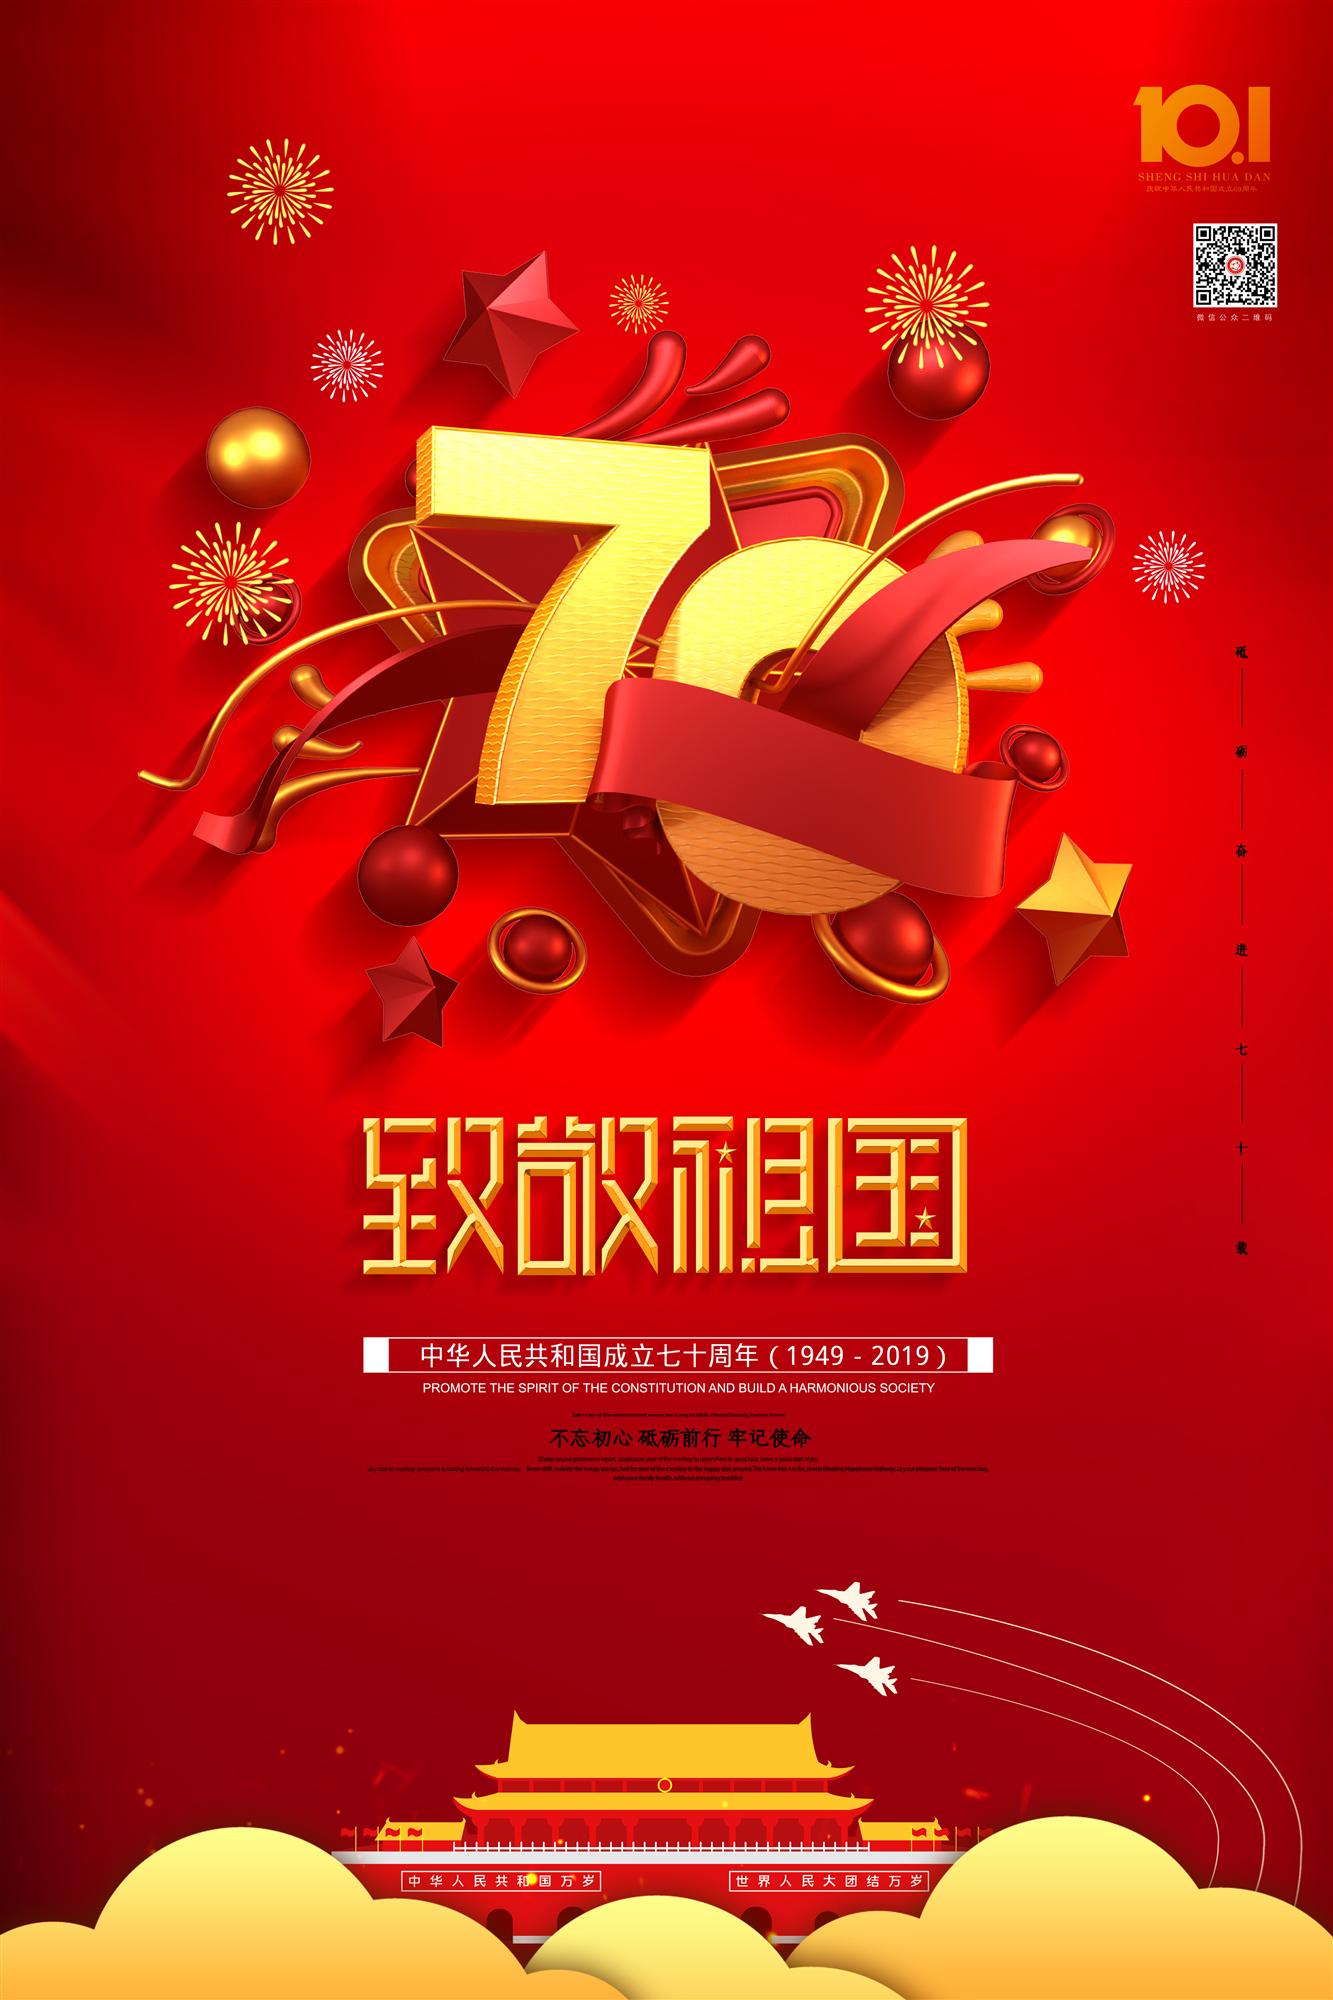 集成墙面联盟庆祝新中国成立70周年!